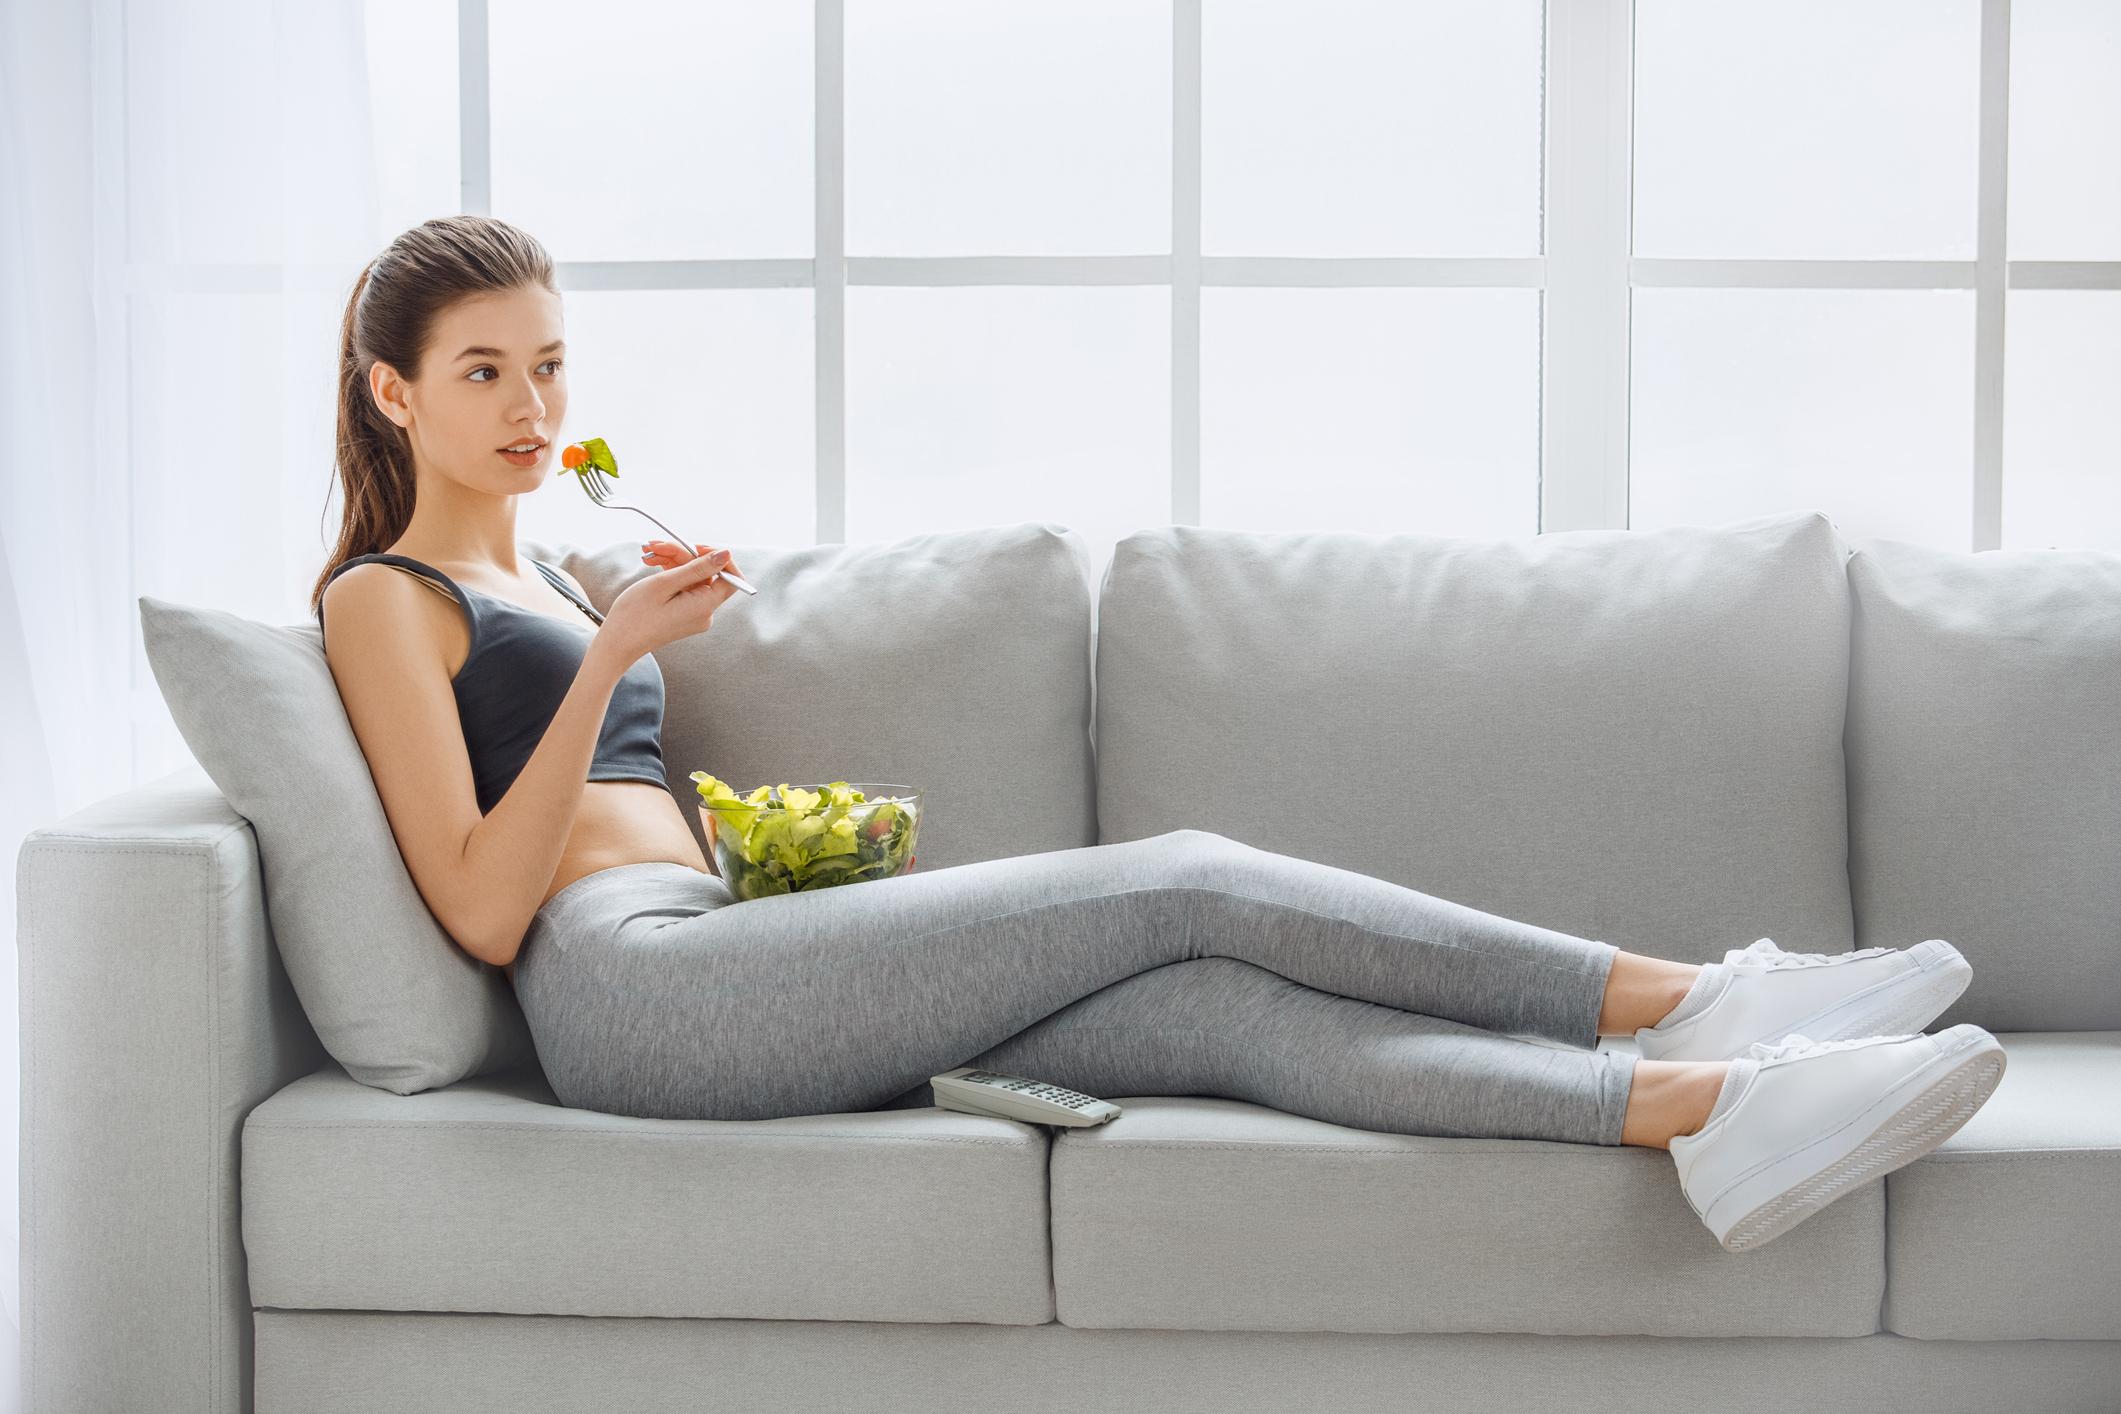 Зворотний запит: як варто харчуватися, щоб набрати вагу